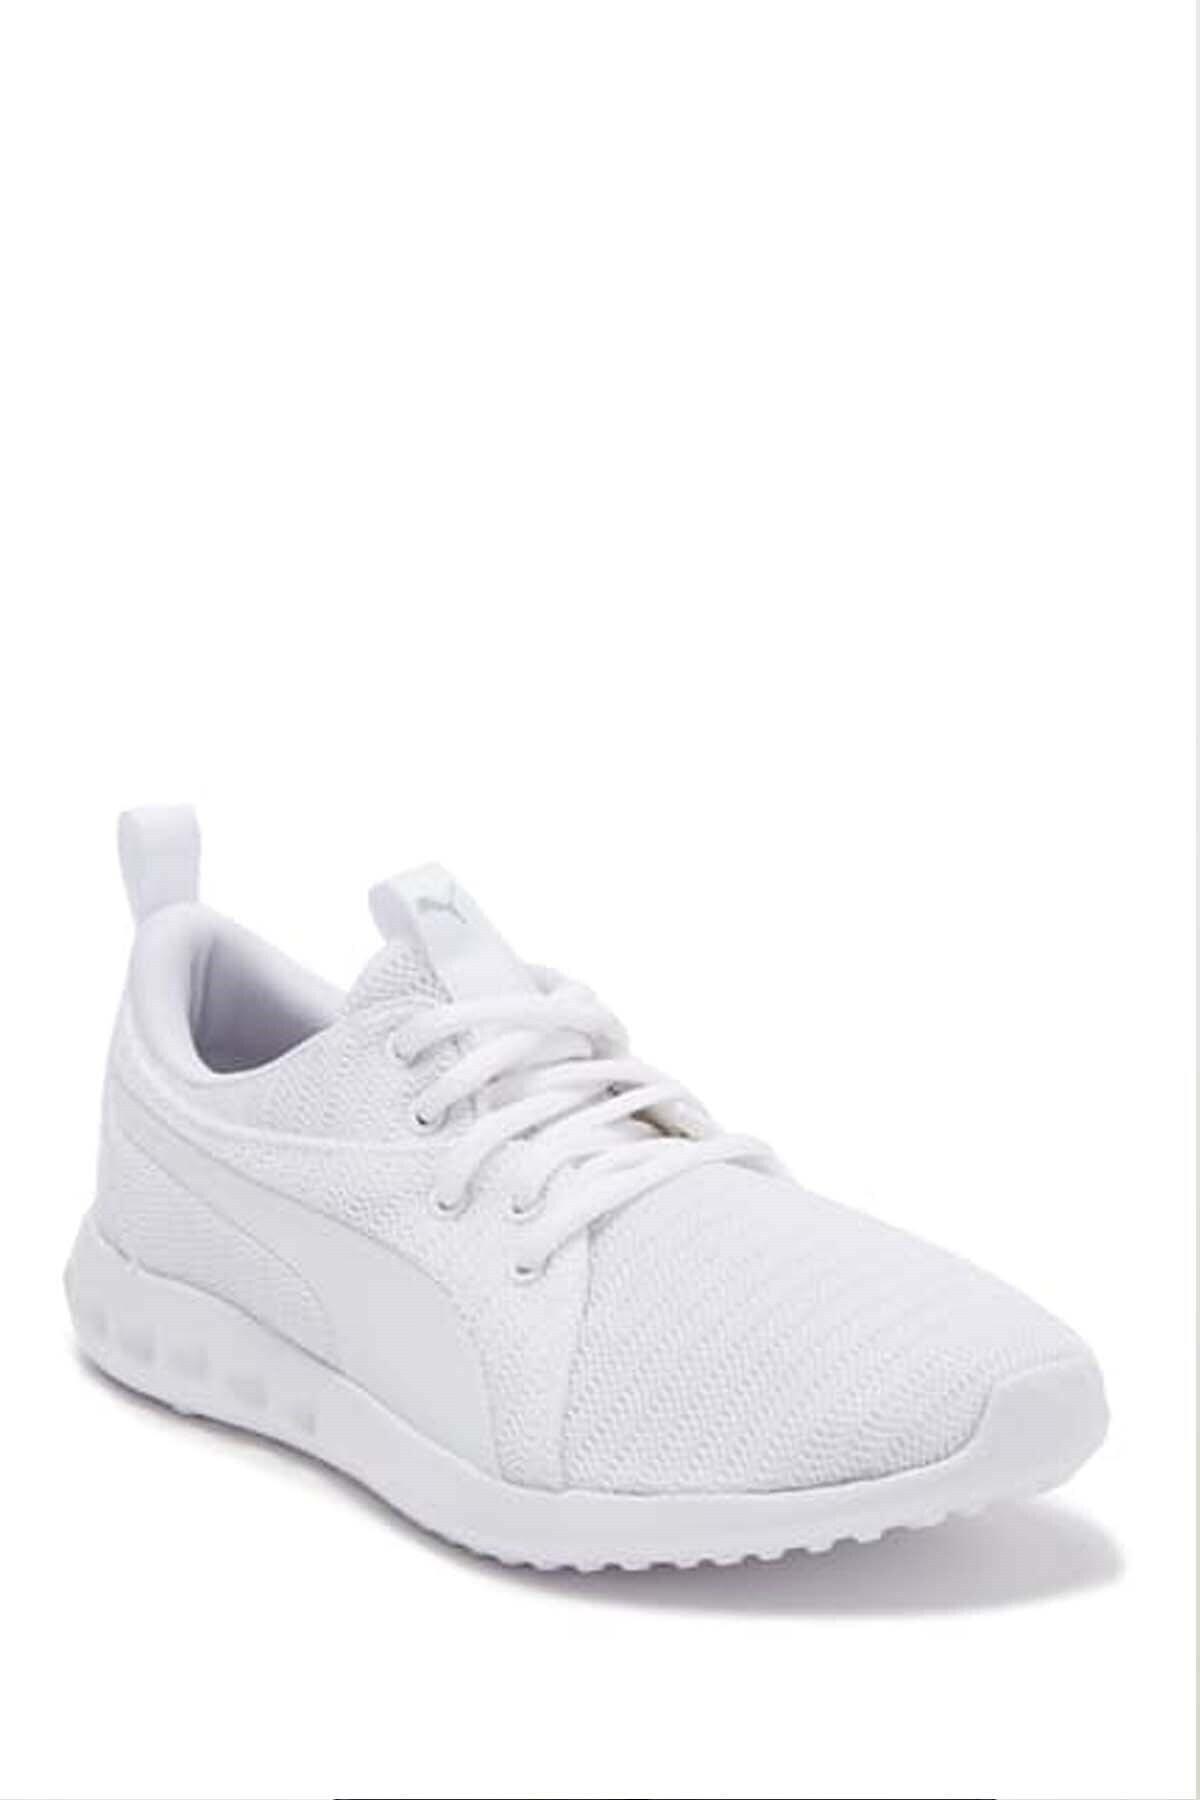 Puma Carson 2 Jr Kadın Günlük Spor Ayakkabı 190072 05 Beyaz 2